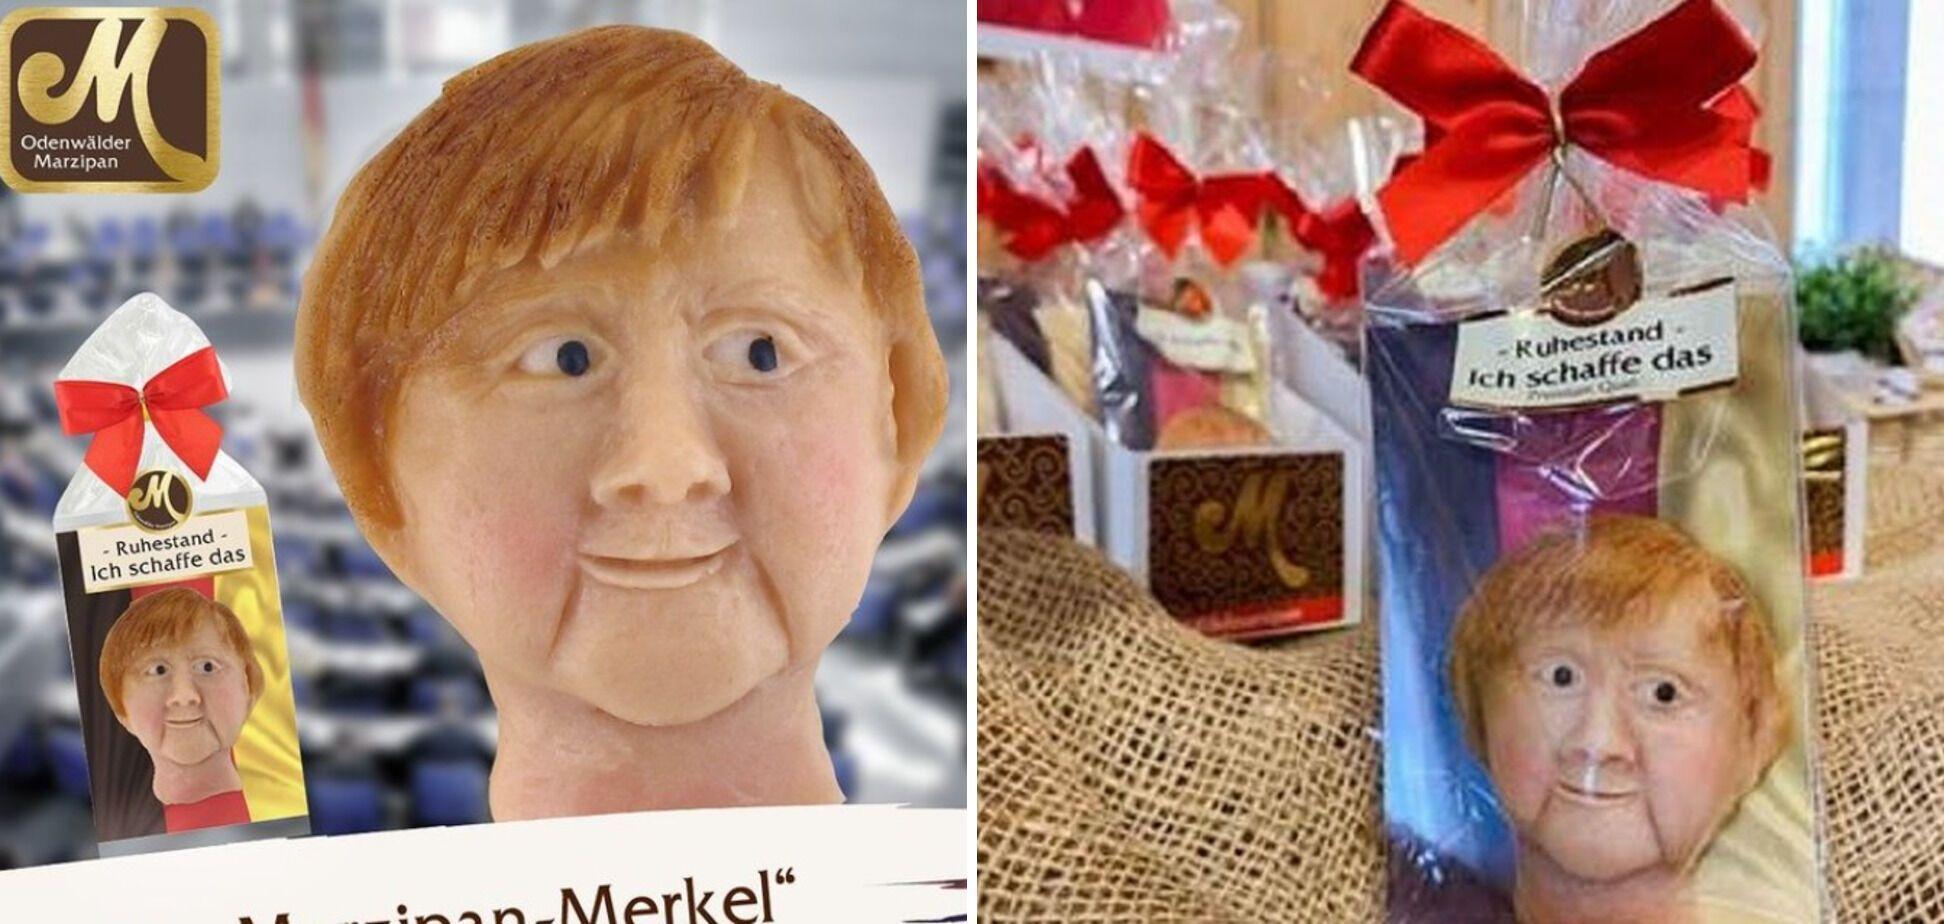 Сувенир, посвященный канцлеру Германии